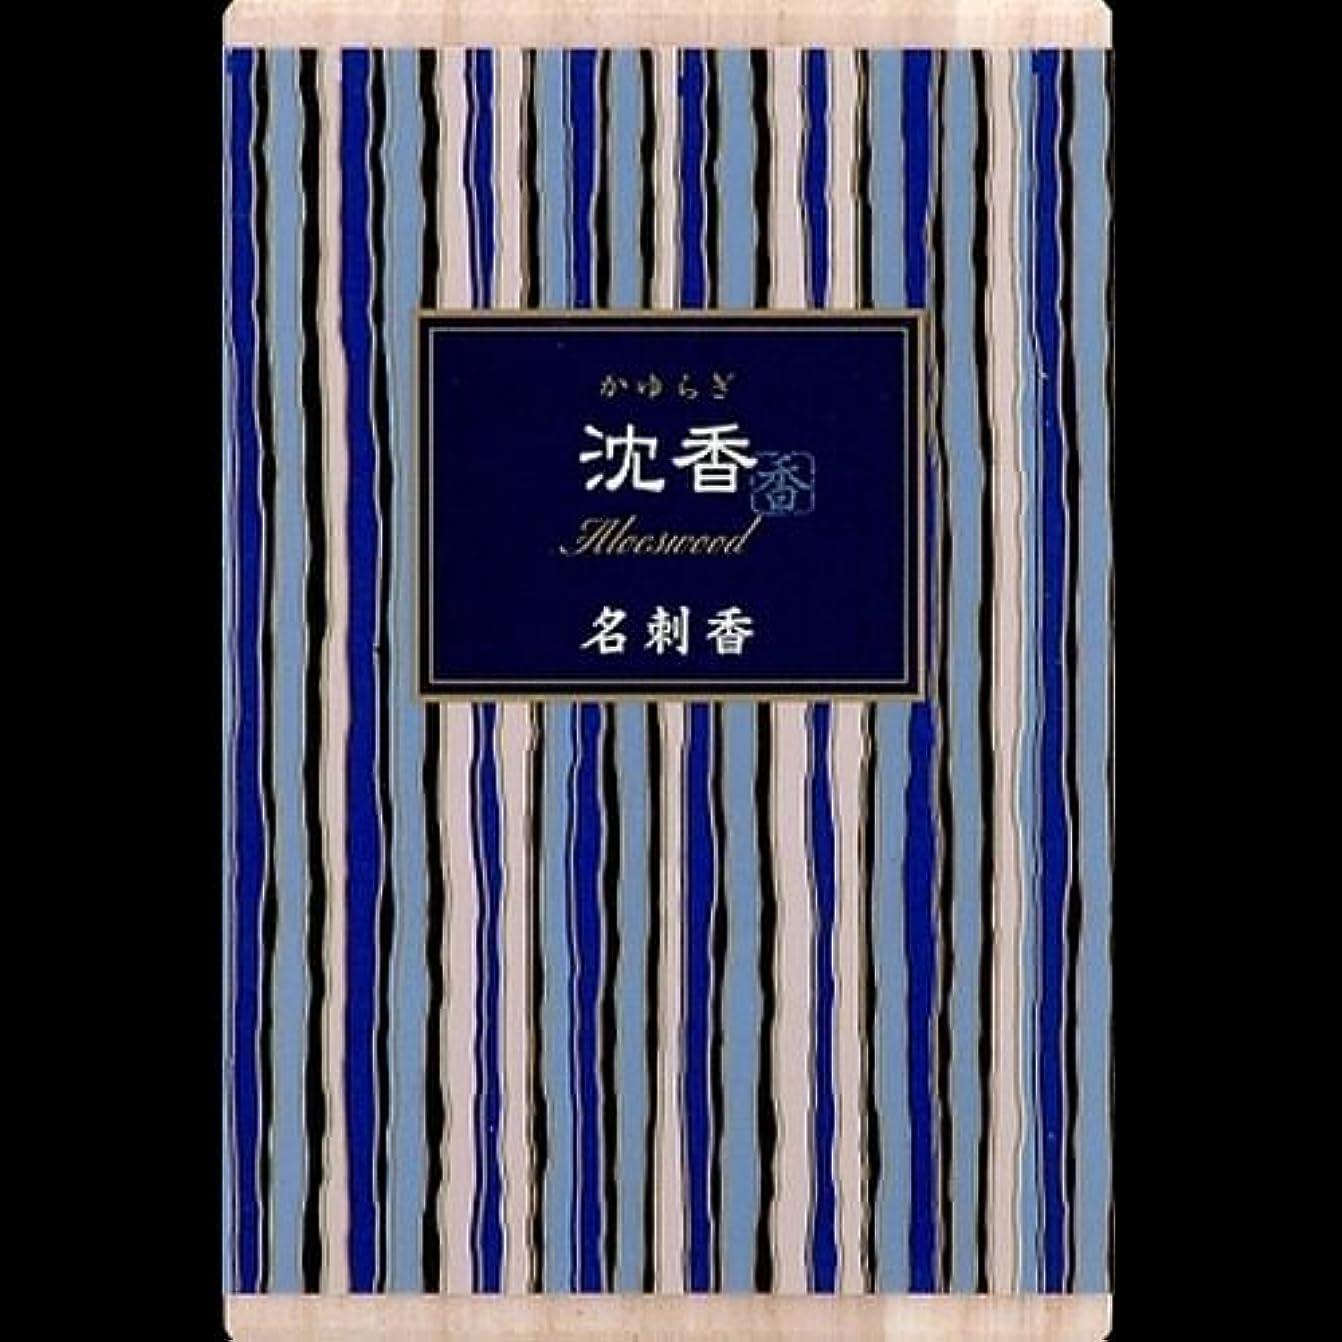 火炎意気揚々検体【まとめ買い】かゆらぎ 沈香 名刺香 桐箱 6入 ×2セット